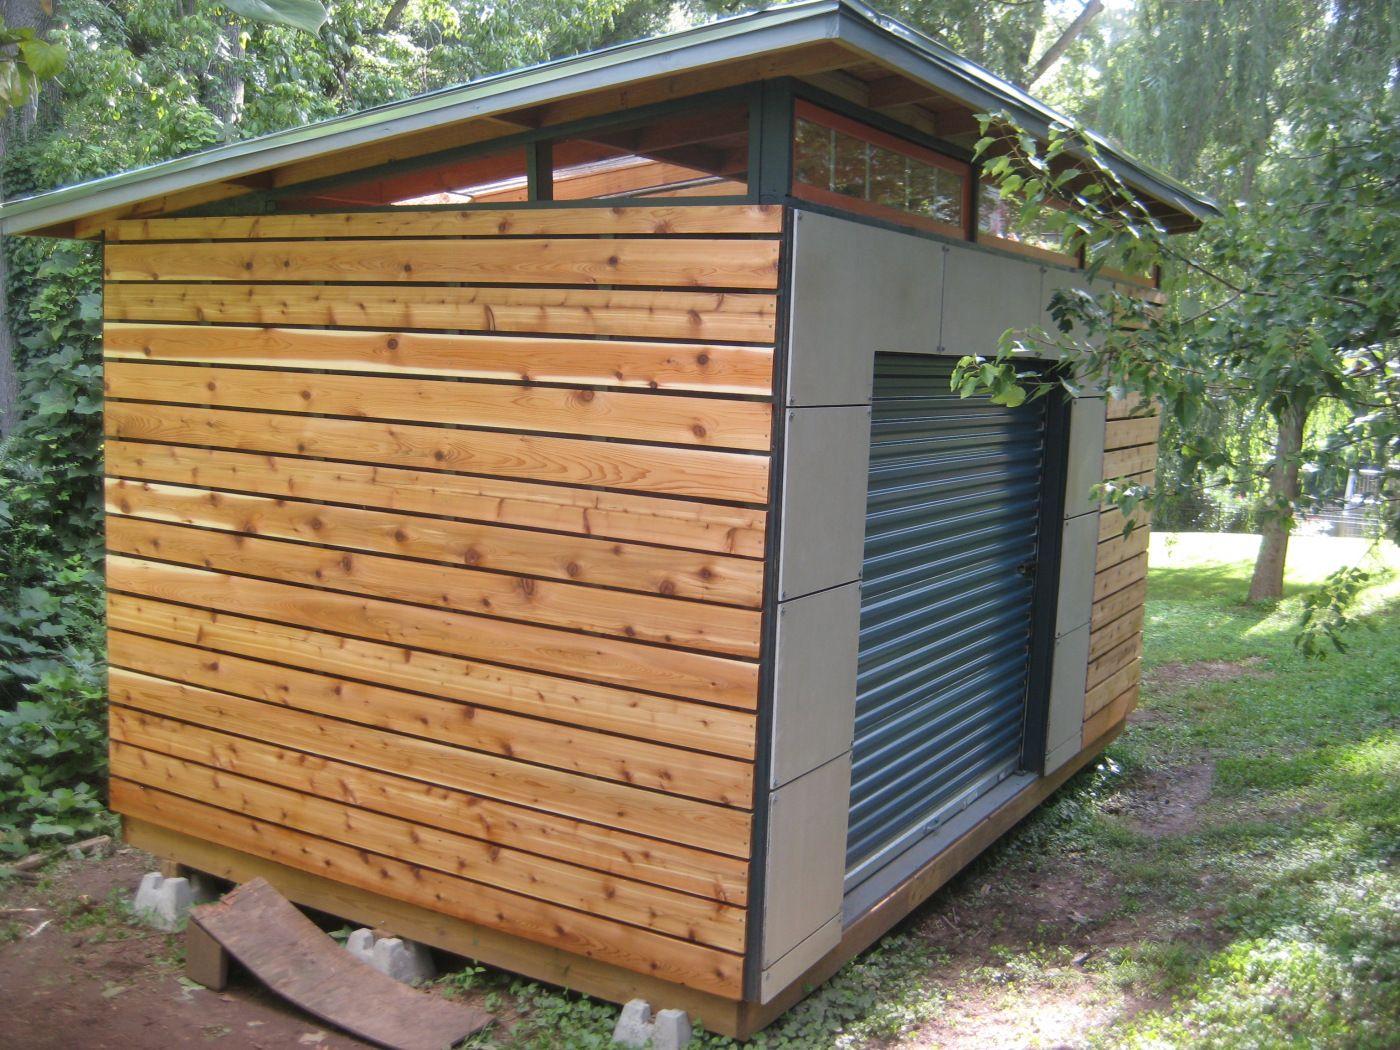 Diy Modern Shed Project Avec Images Cabanon De Jardin Cabane Jardin Abri De Jardin